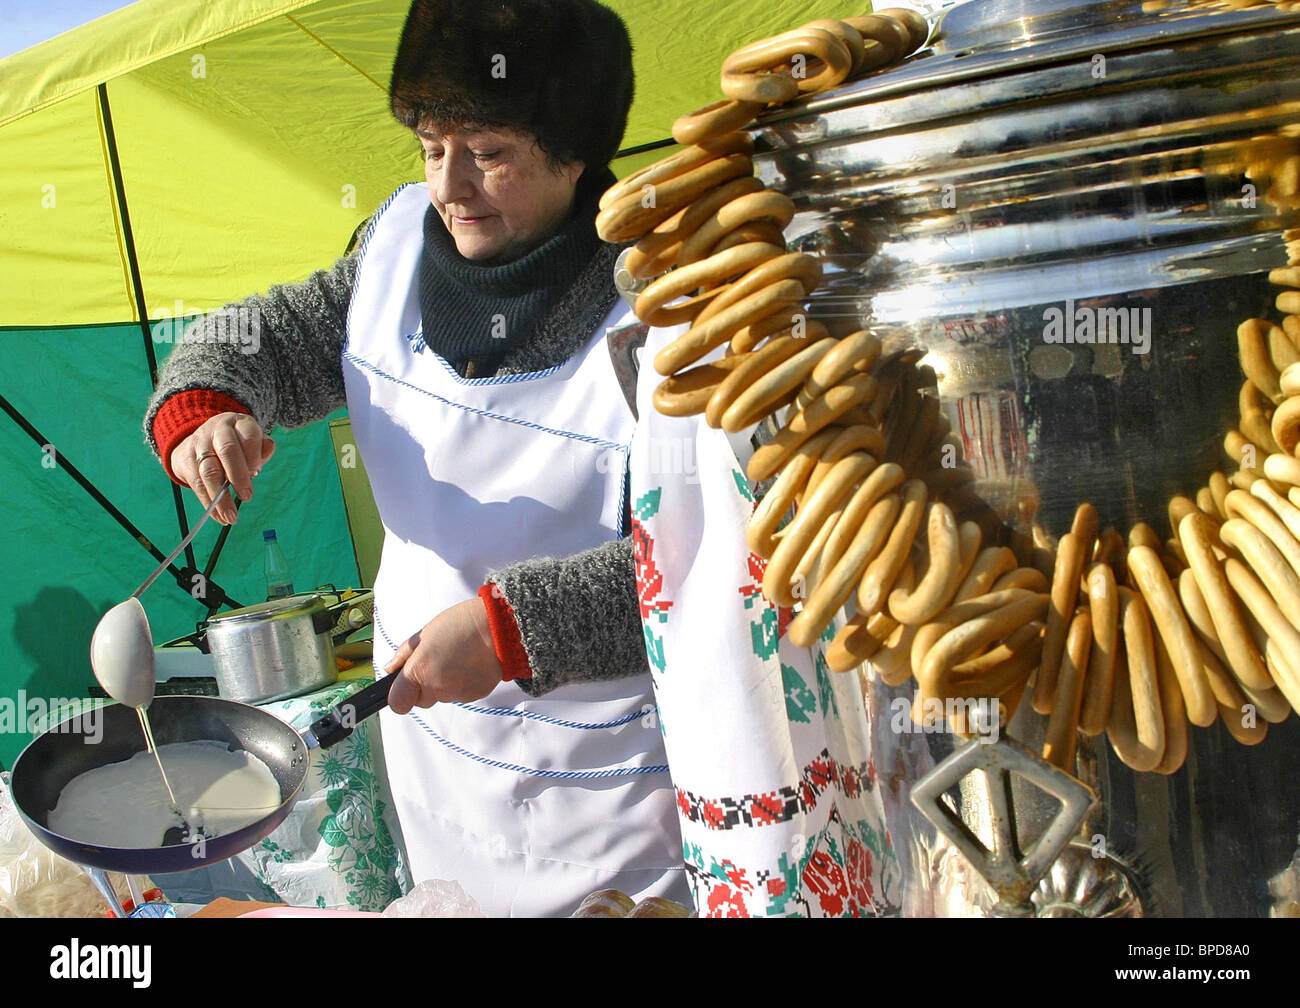 Maslenitsa (Pancake Week) celebrations in Russia - Stock Image